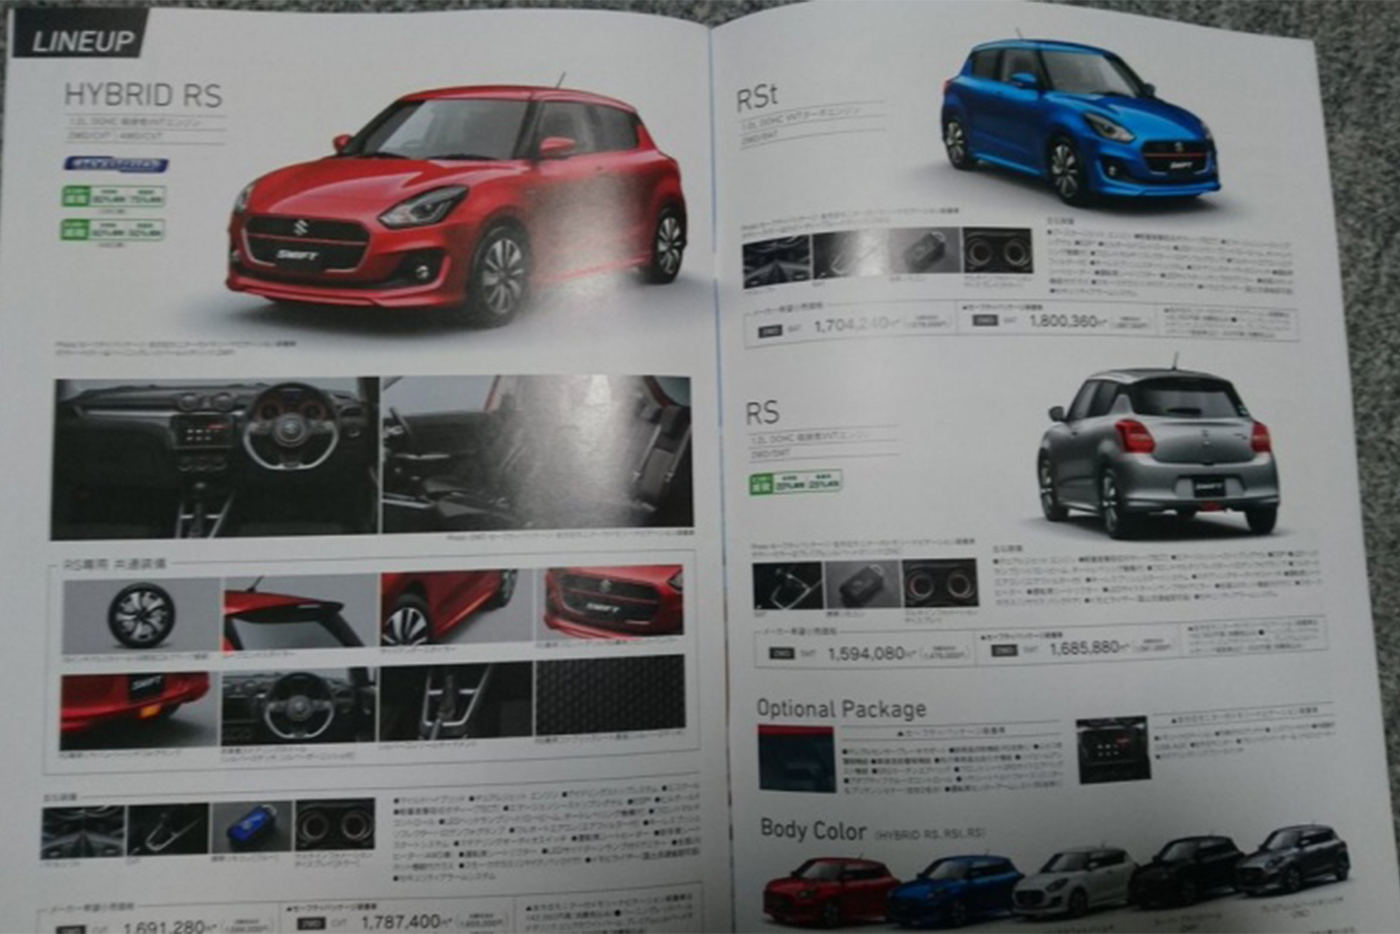 next-gen-suzuki-swift-leaked-brochure-2-850x478.jpg